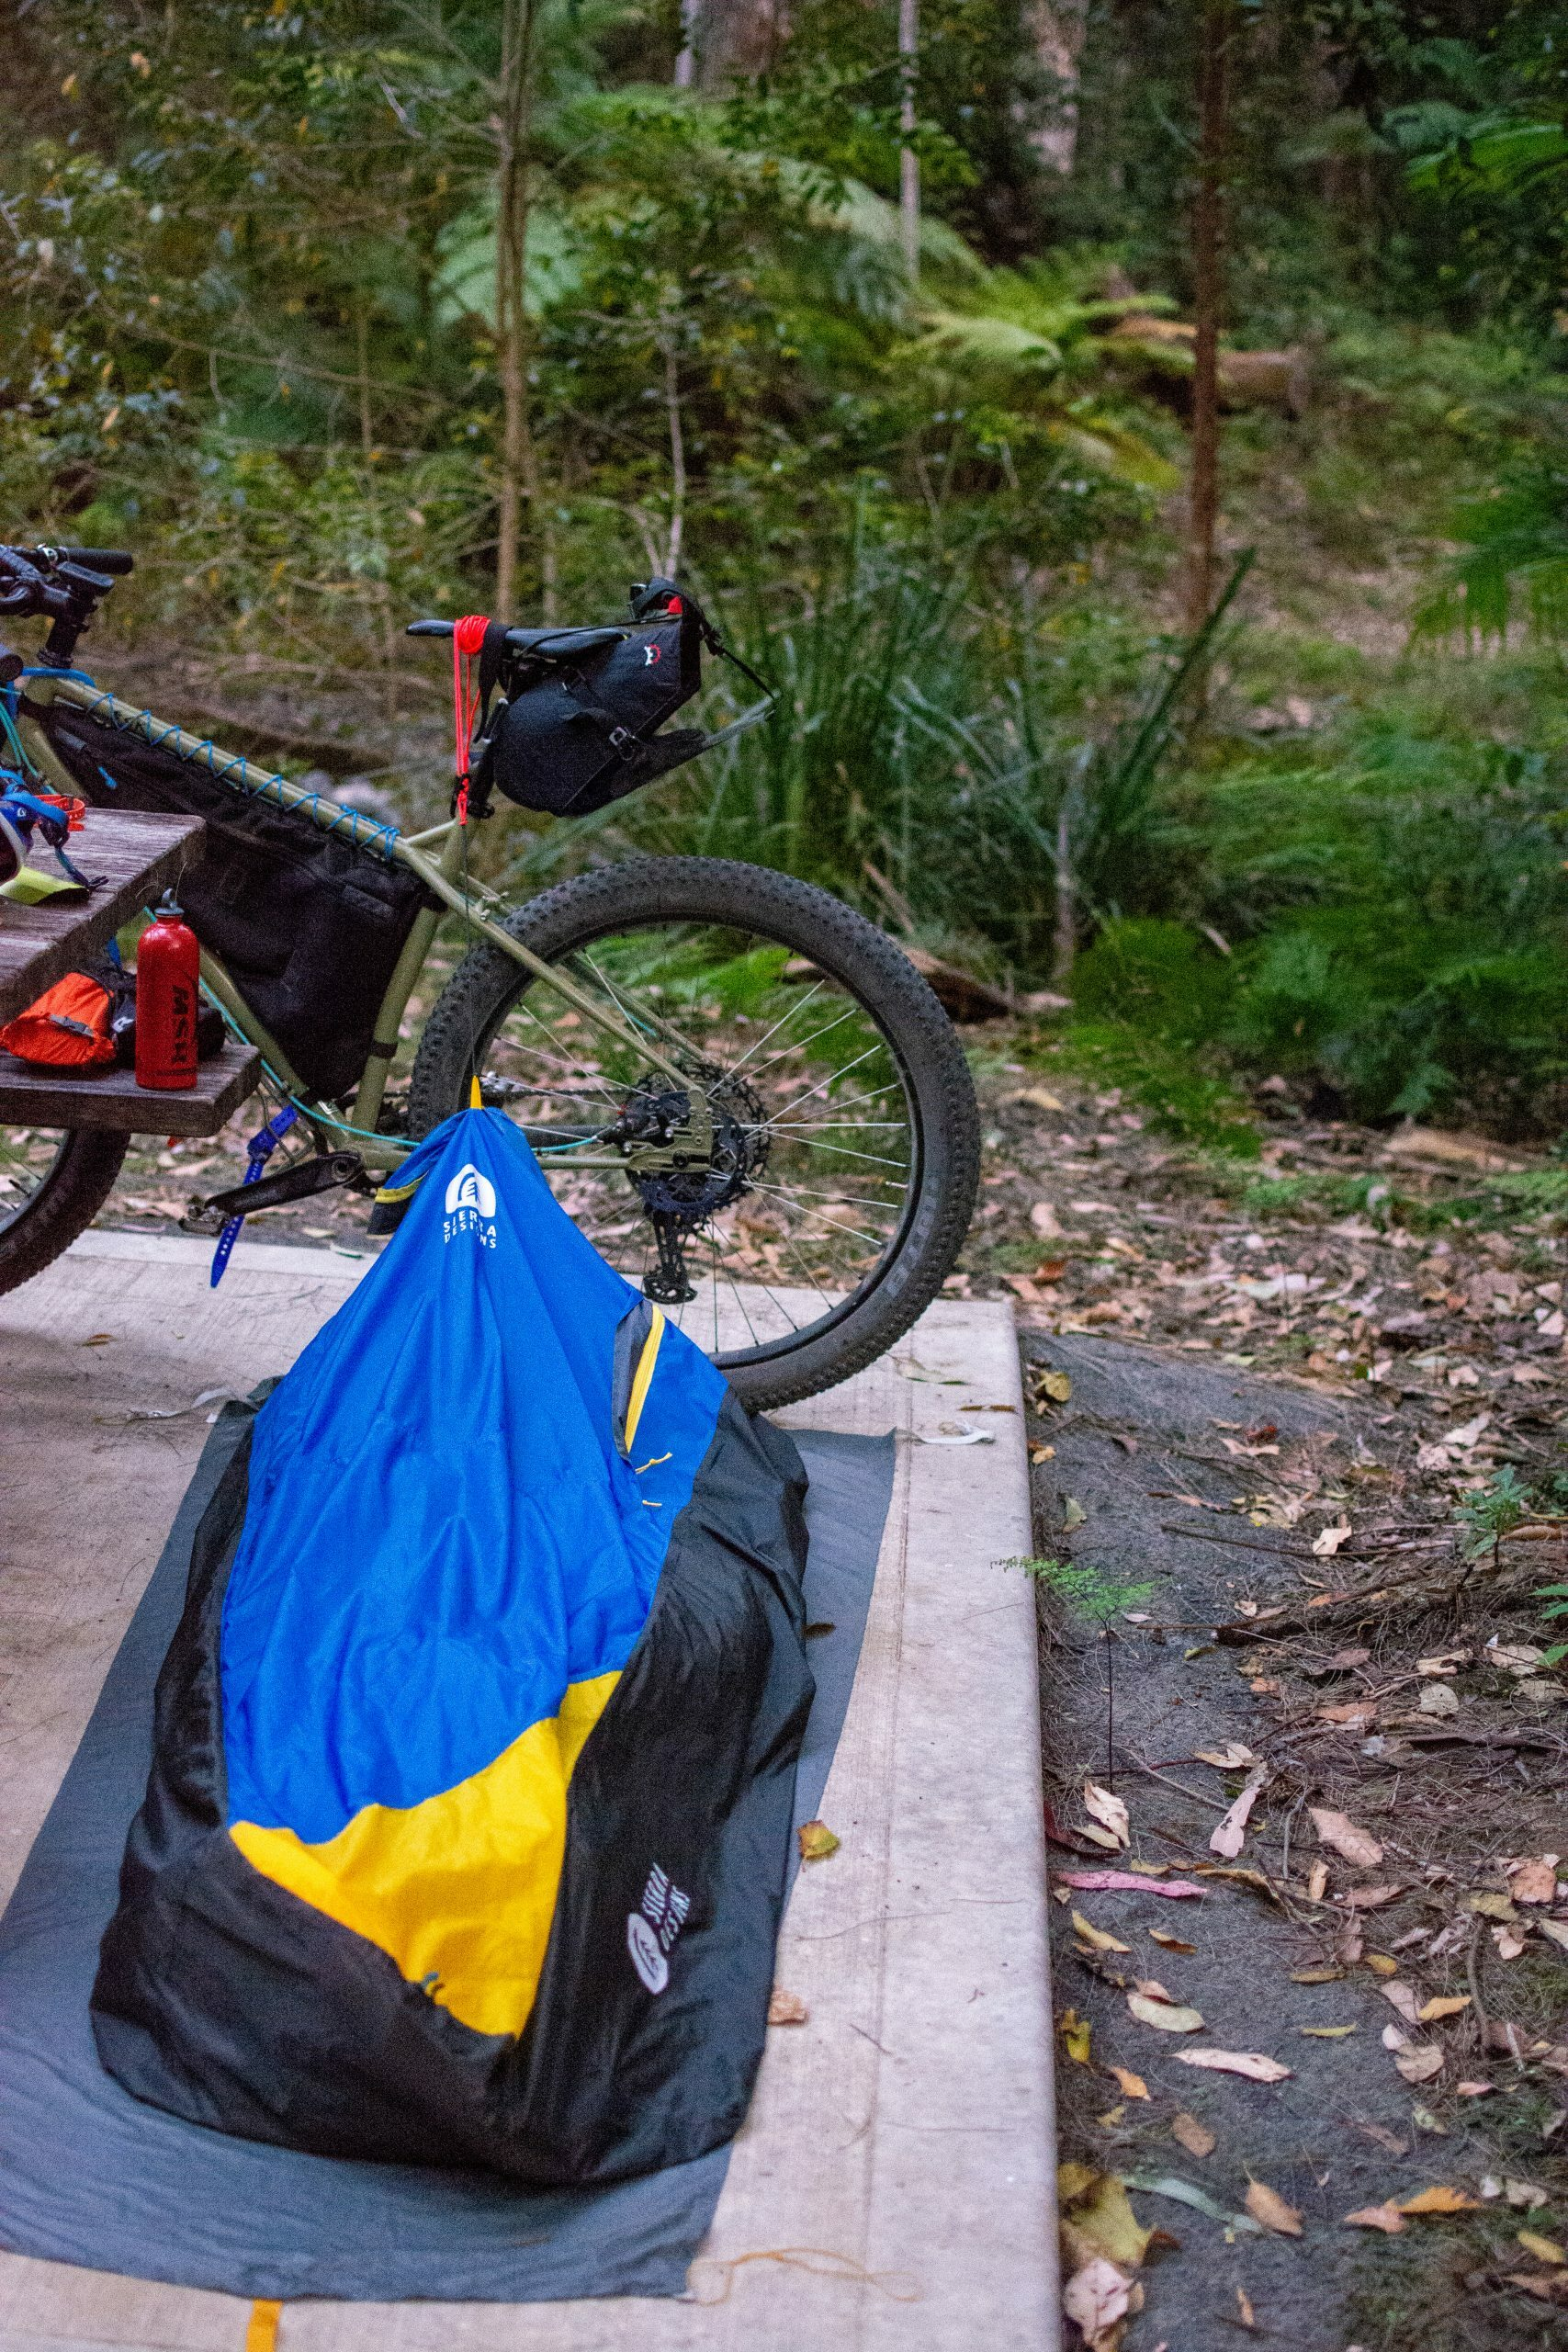 Sierra deigns bivvy bag camping on a bikepacking trip